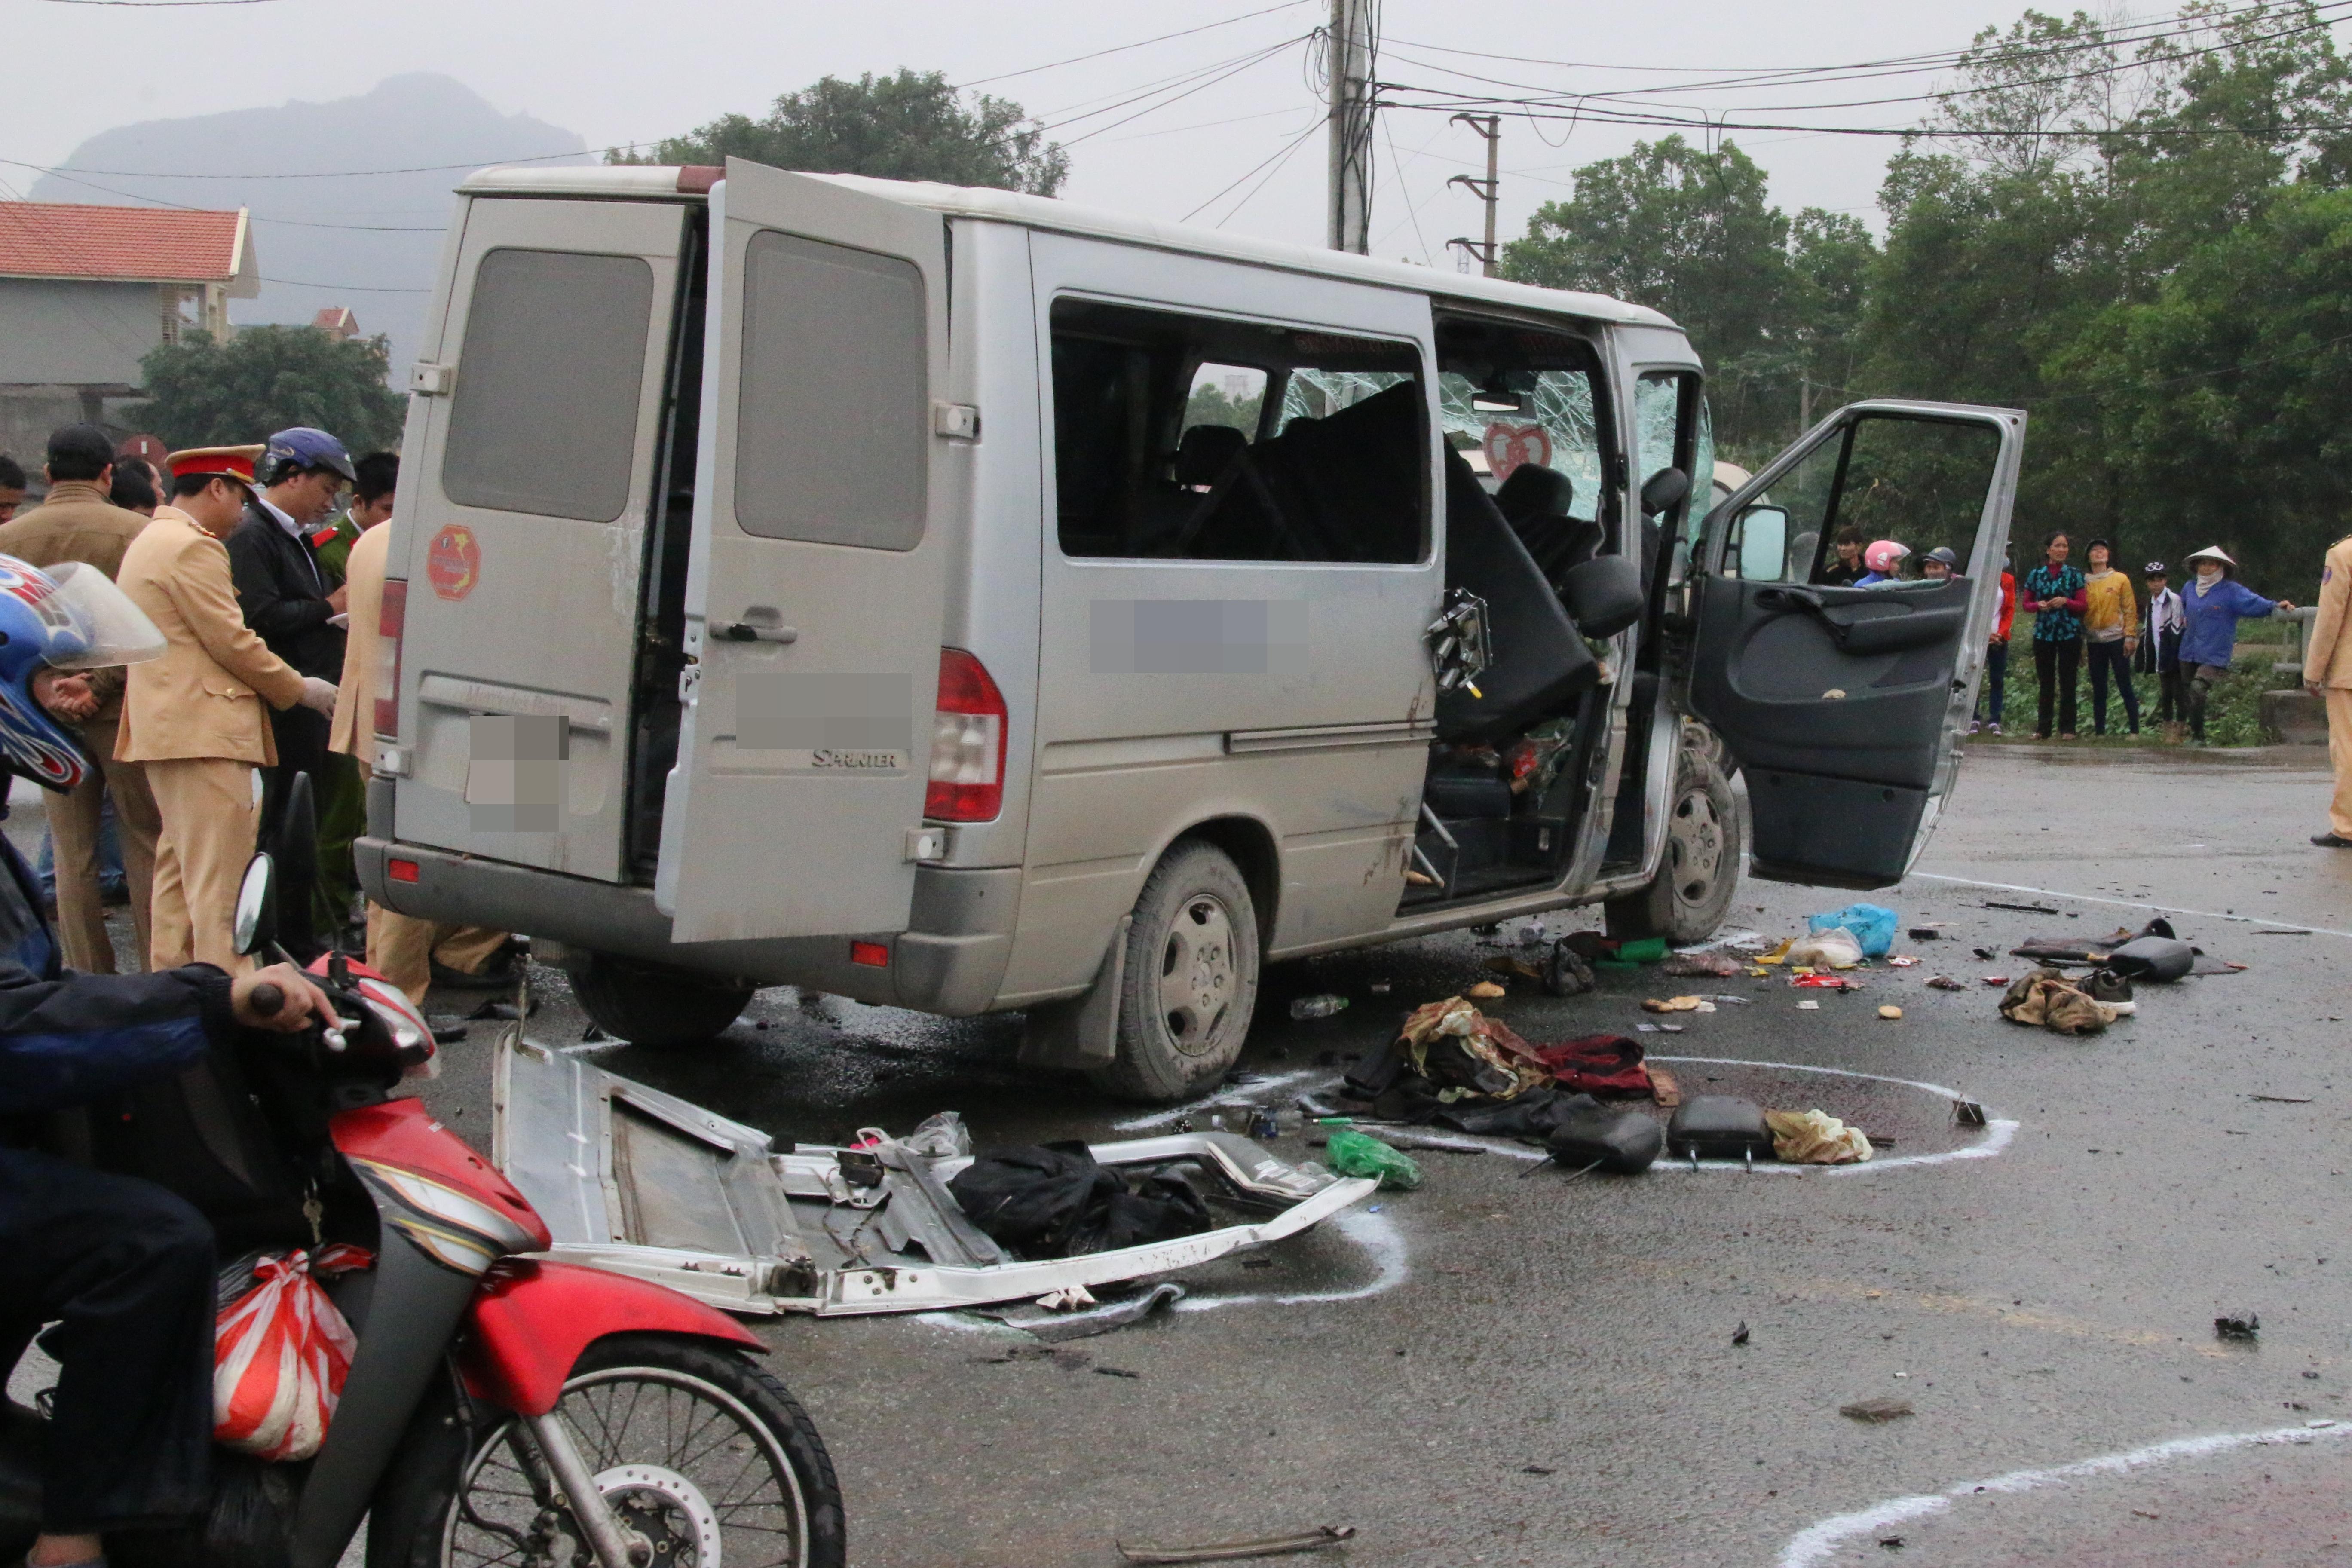 Chùm ảnh: Hiện trường vụ xe đón dâu đâm vào xe tải khiến 3 người thiệt mạng, 16 người khác bị thương - Ảnh 6.